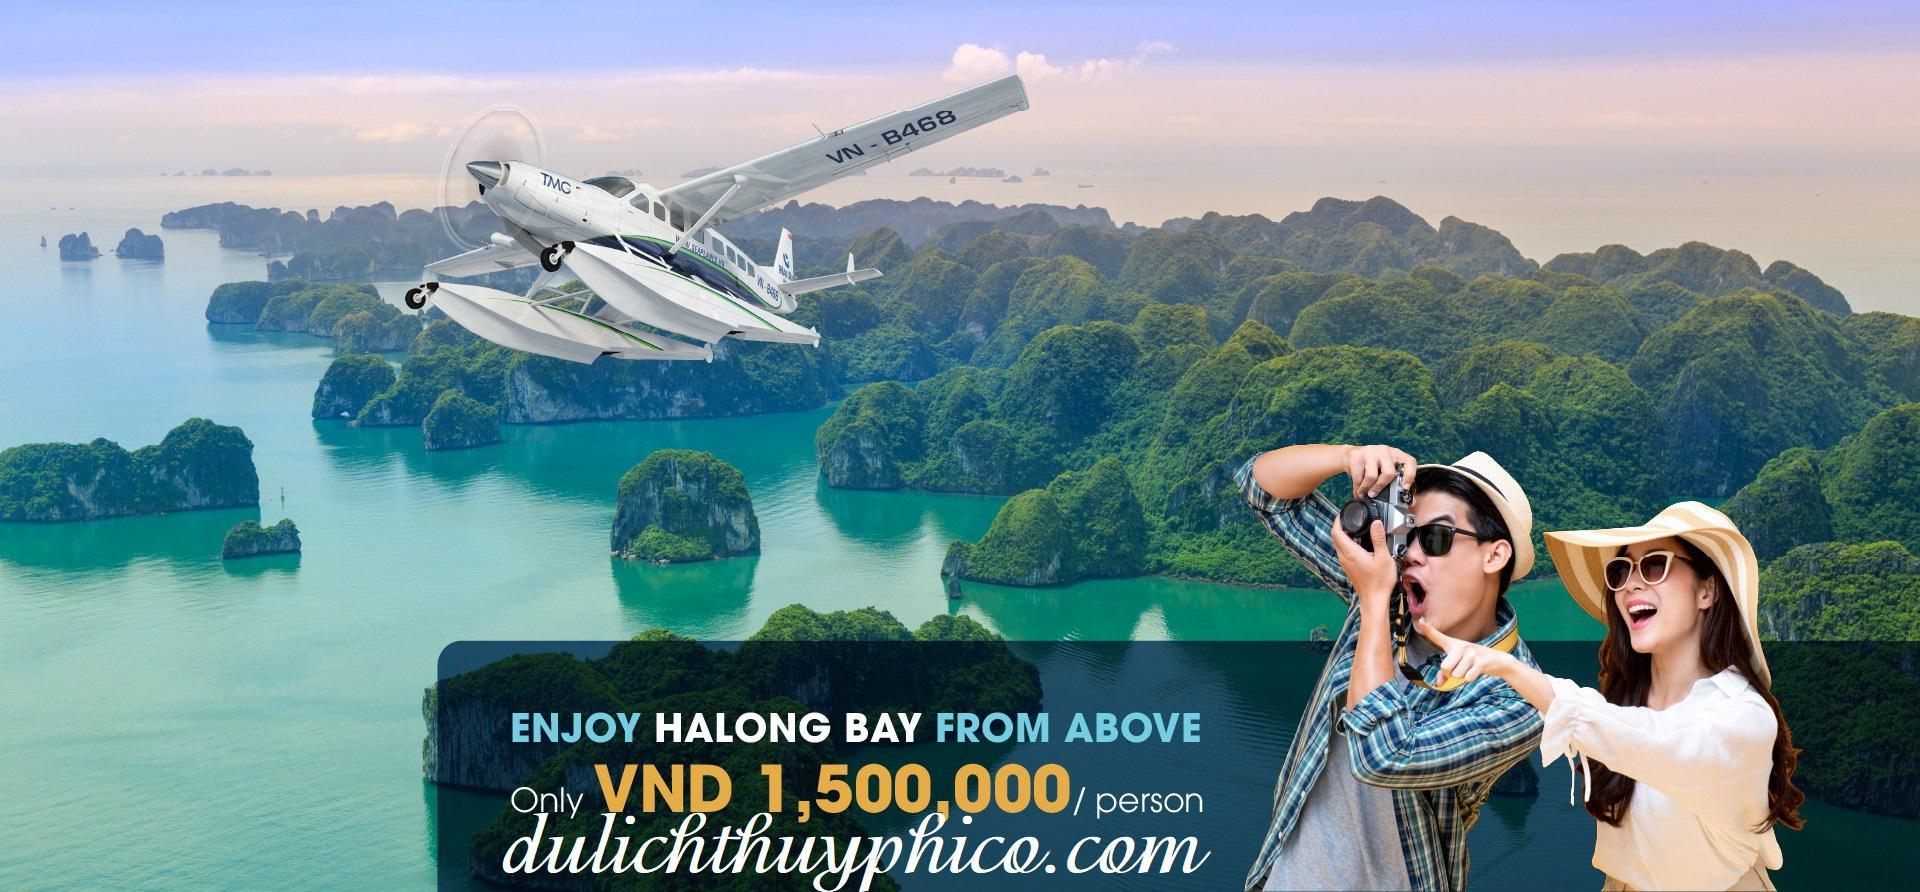 Tour du lịch Thủy Phi Cơ ngắm cảnh Vịnh Hạ Long 25 phút khuyến mại